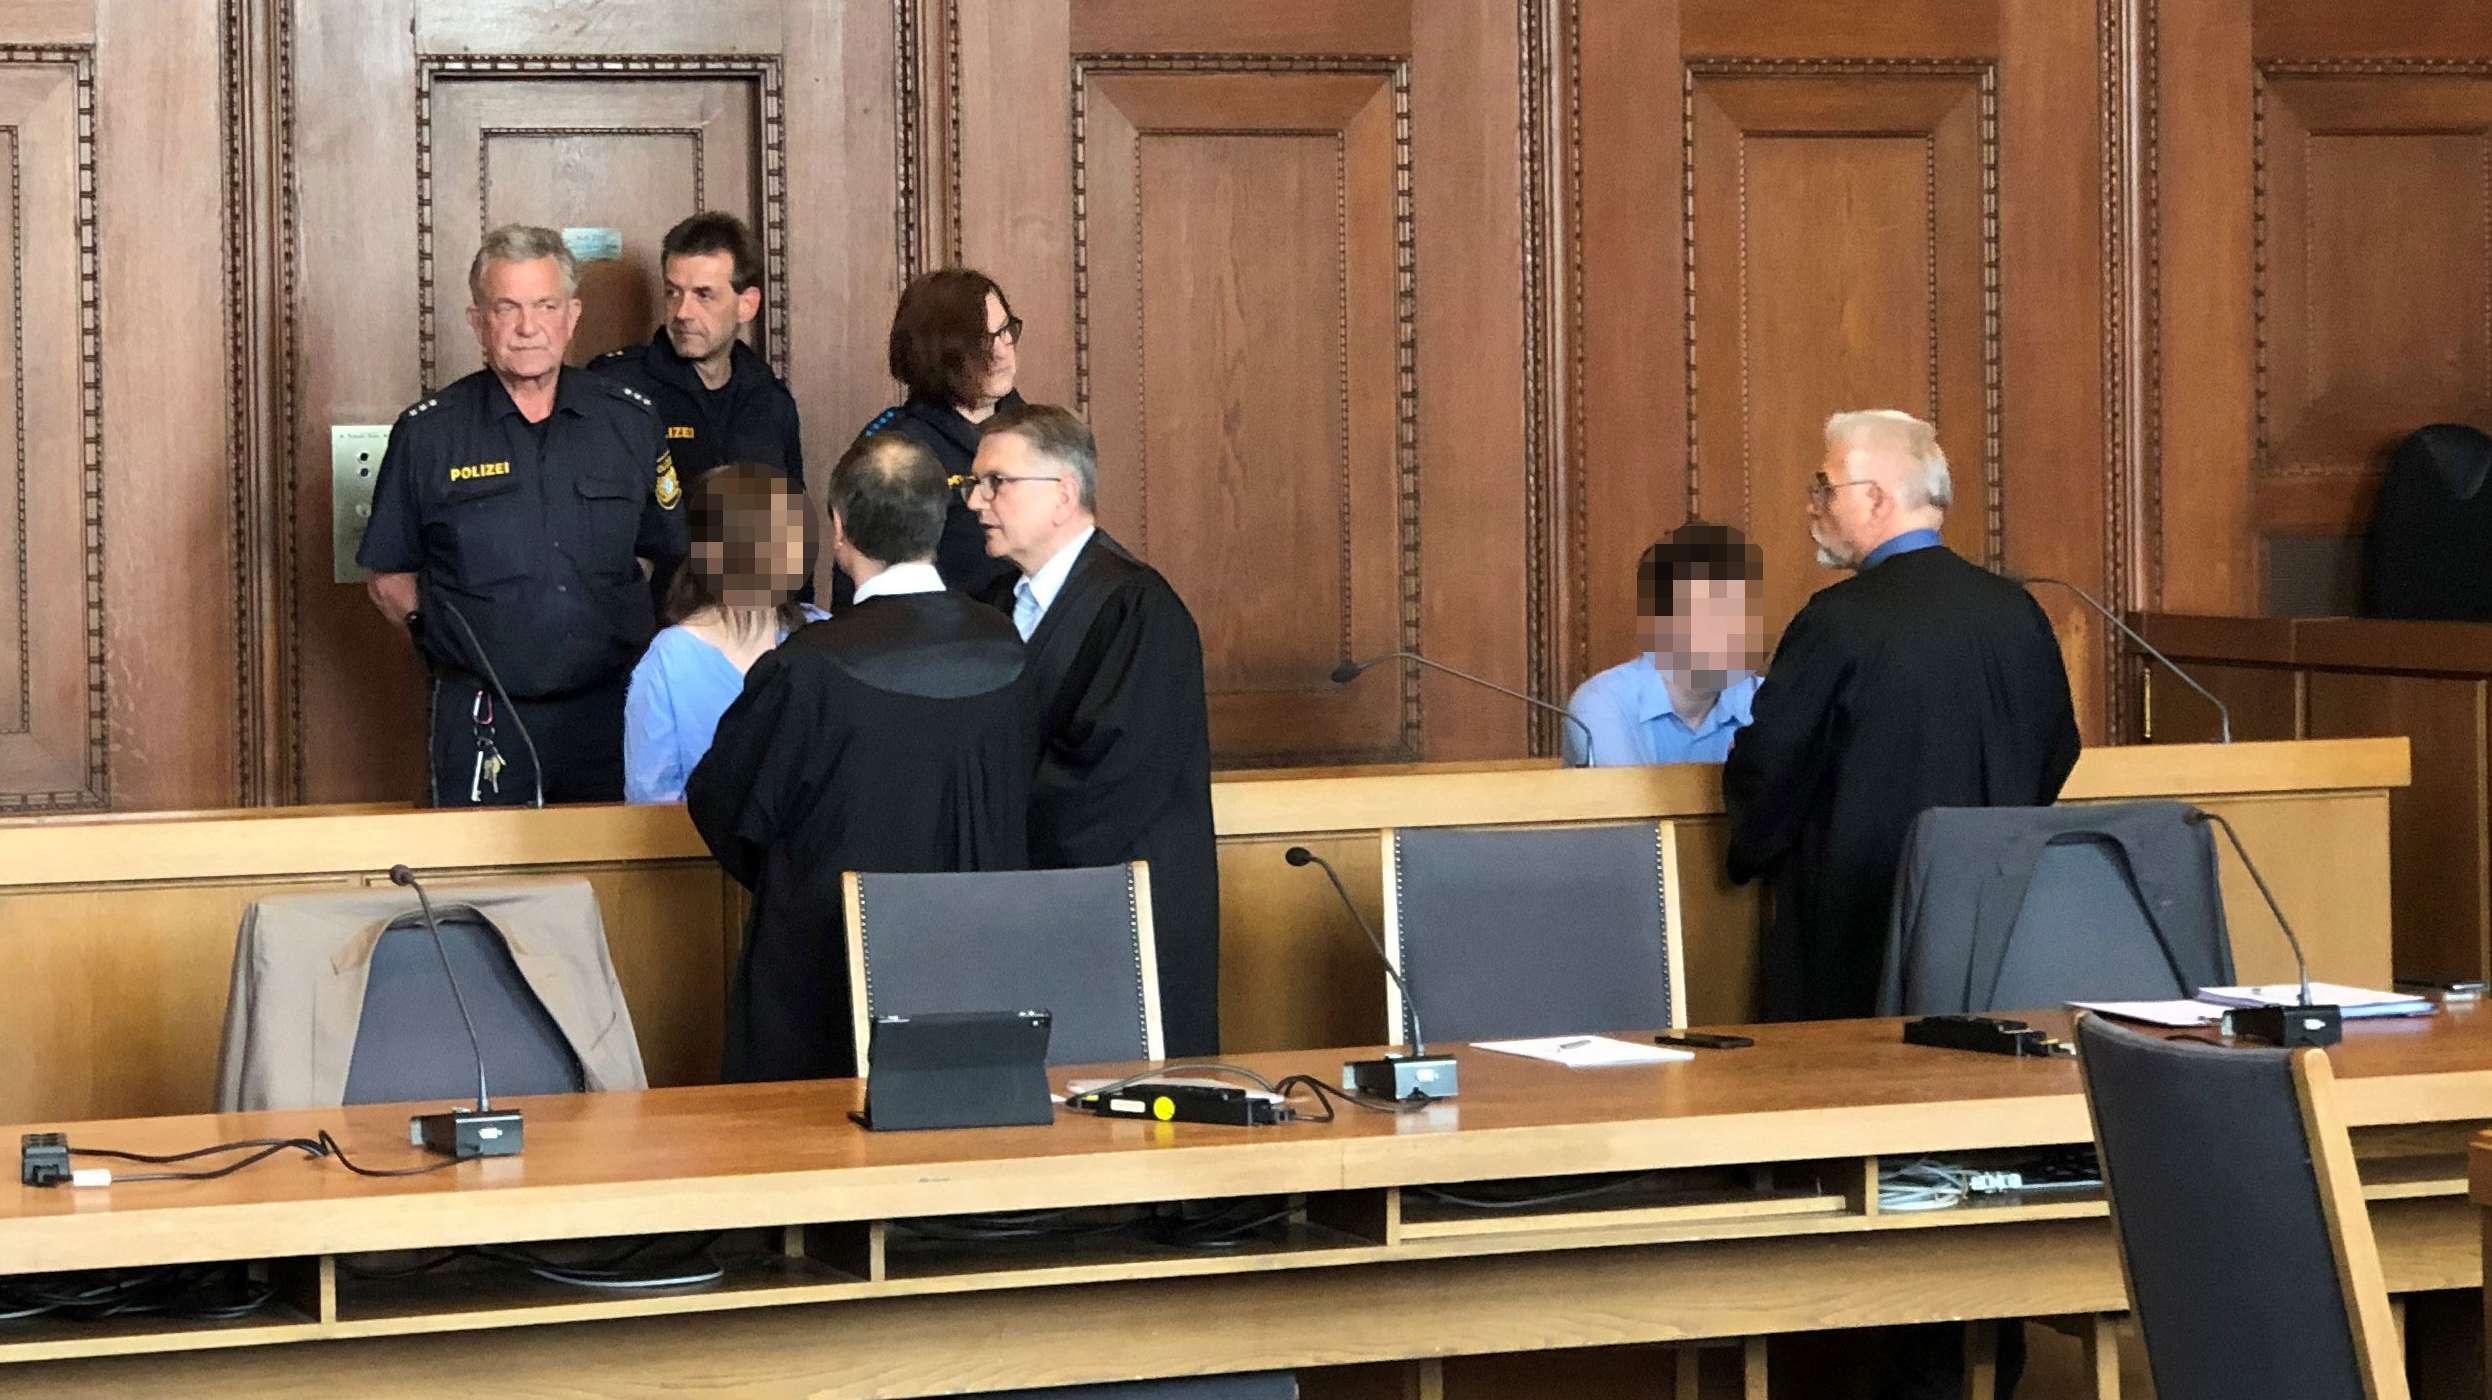 Die beiden Angeklagten mit ihren Verteidigern im Gerichtssaal